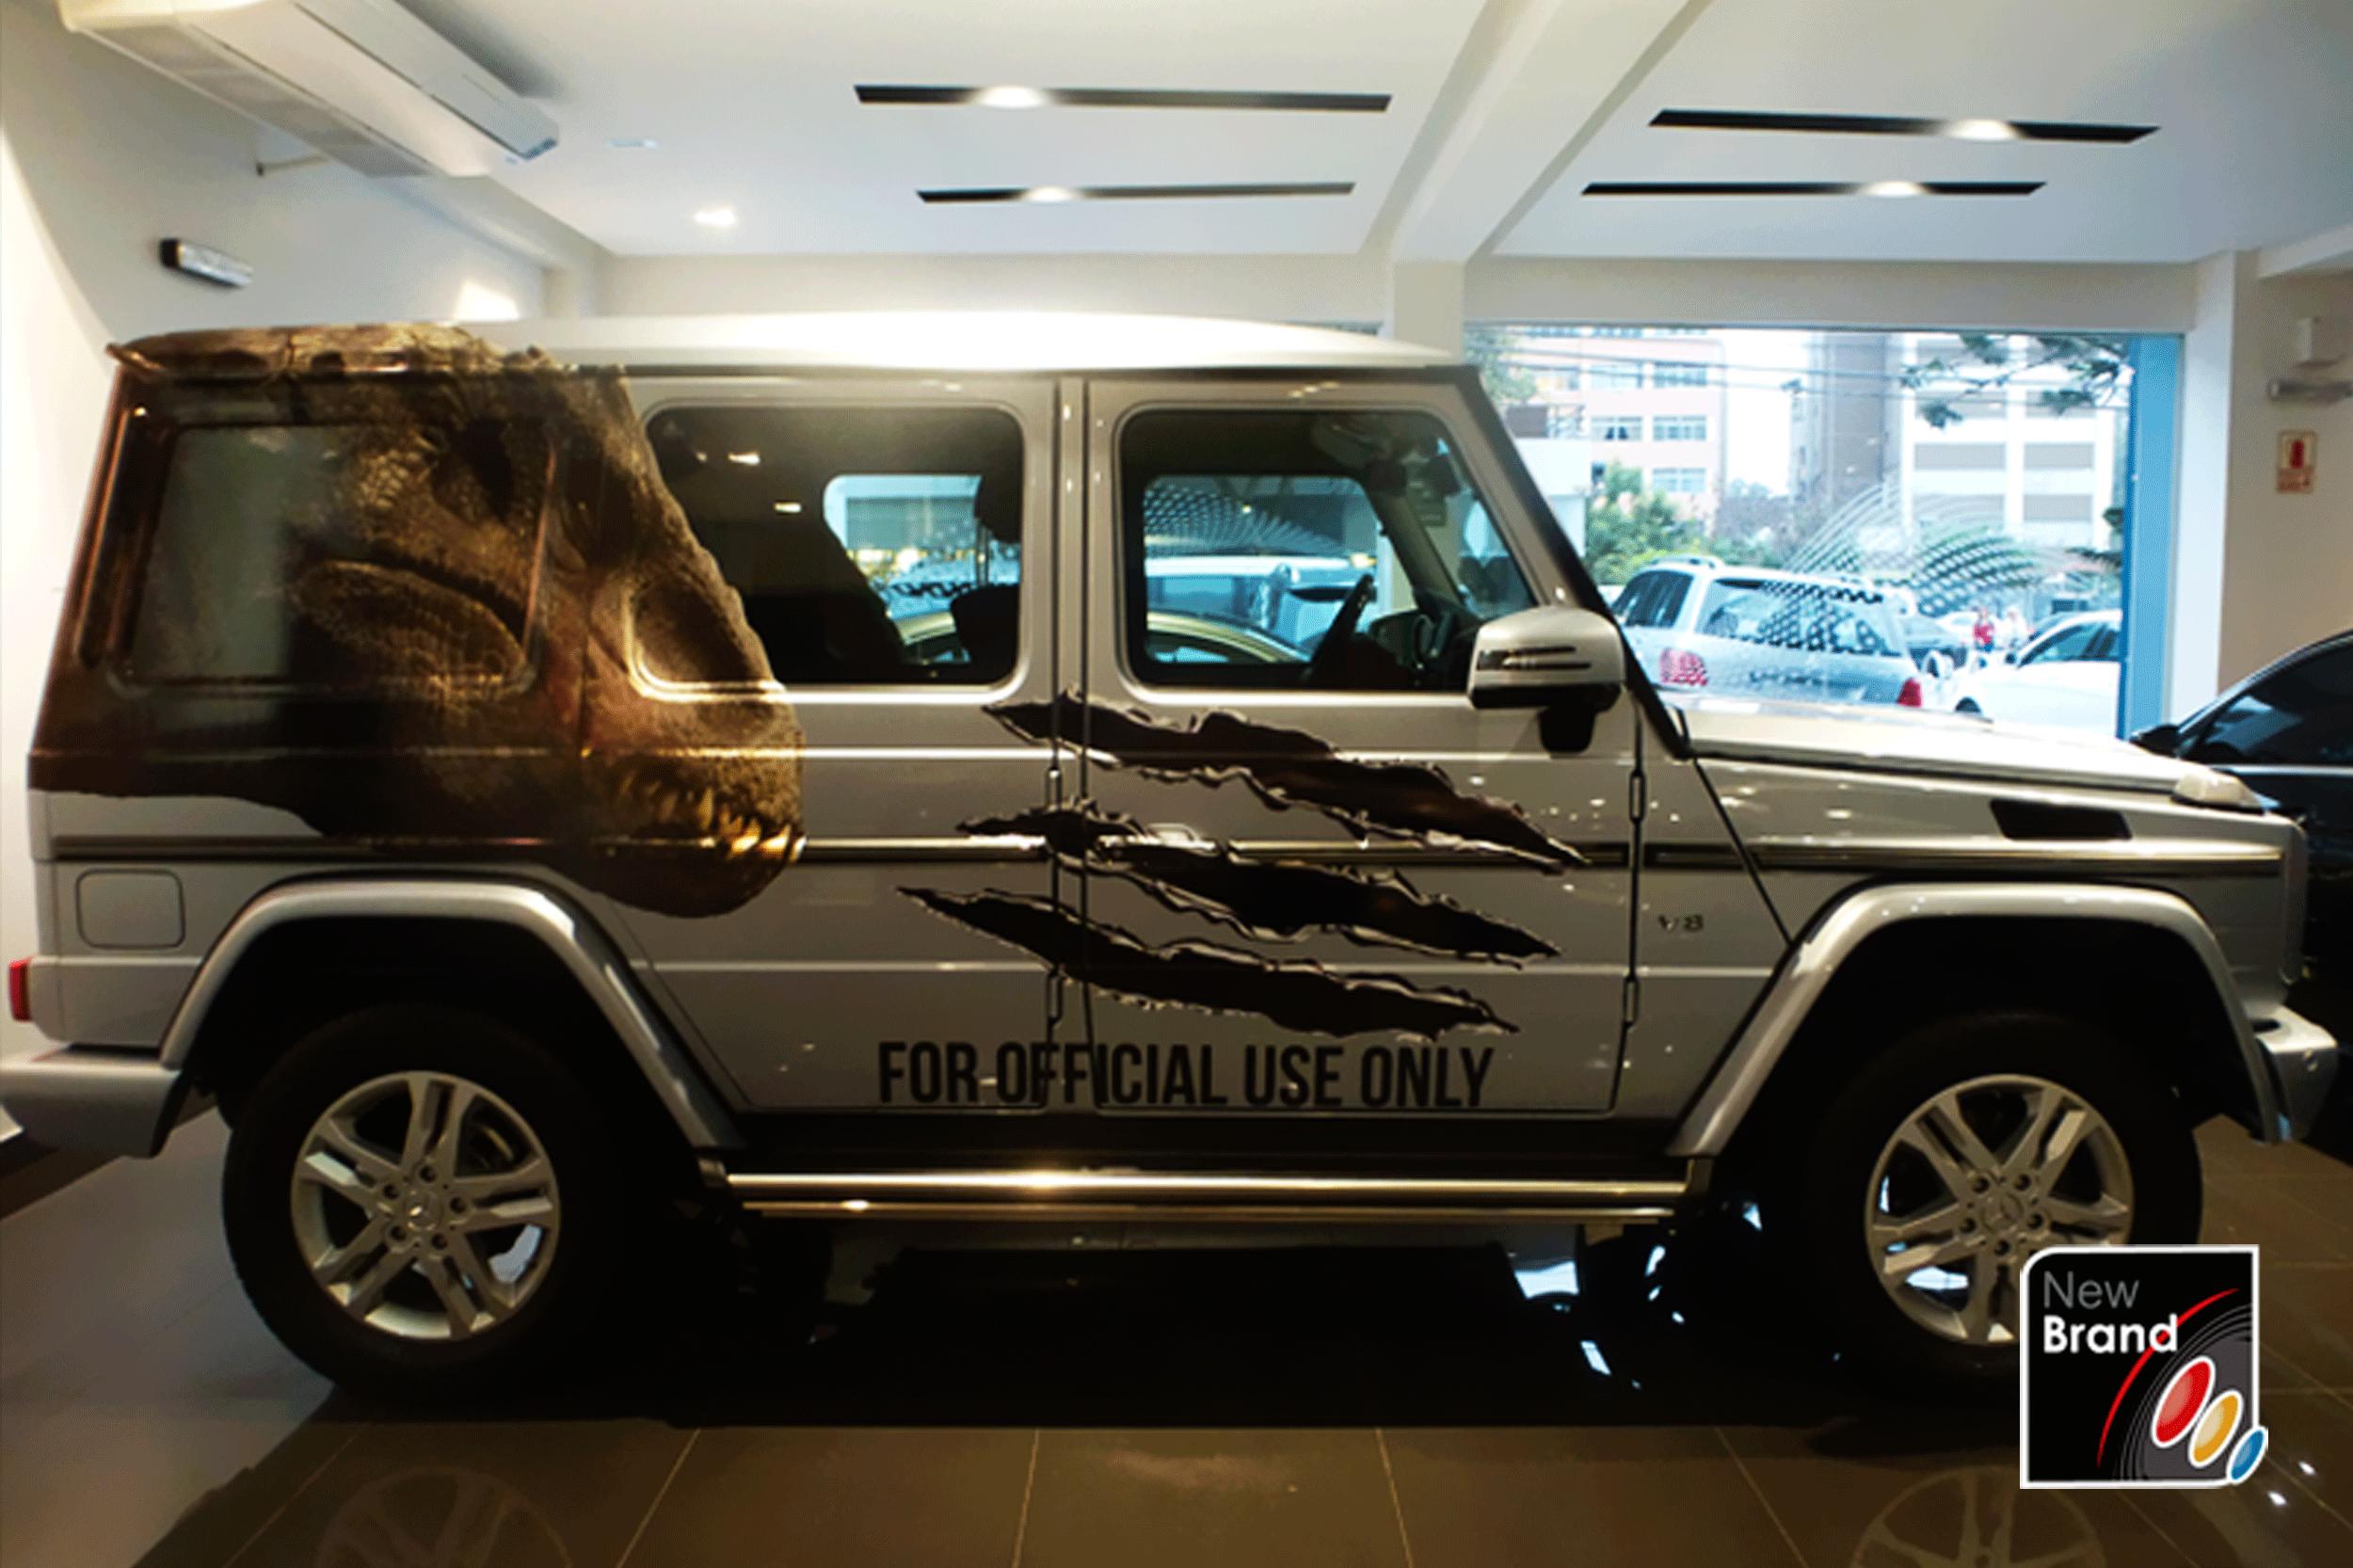 new brand ploteo vehicular